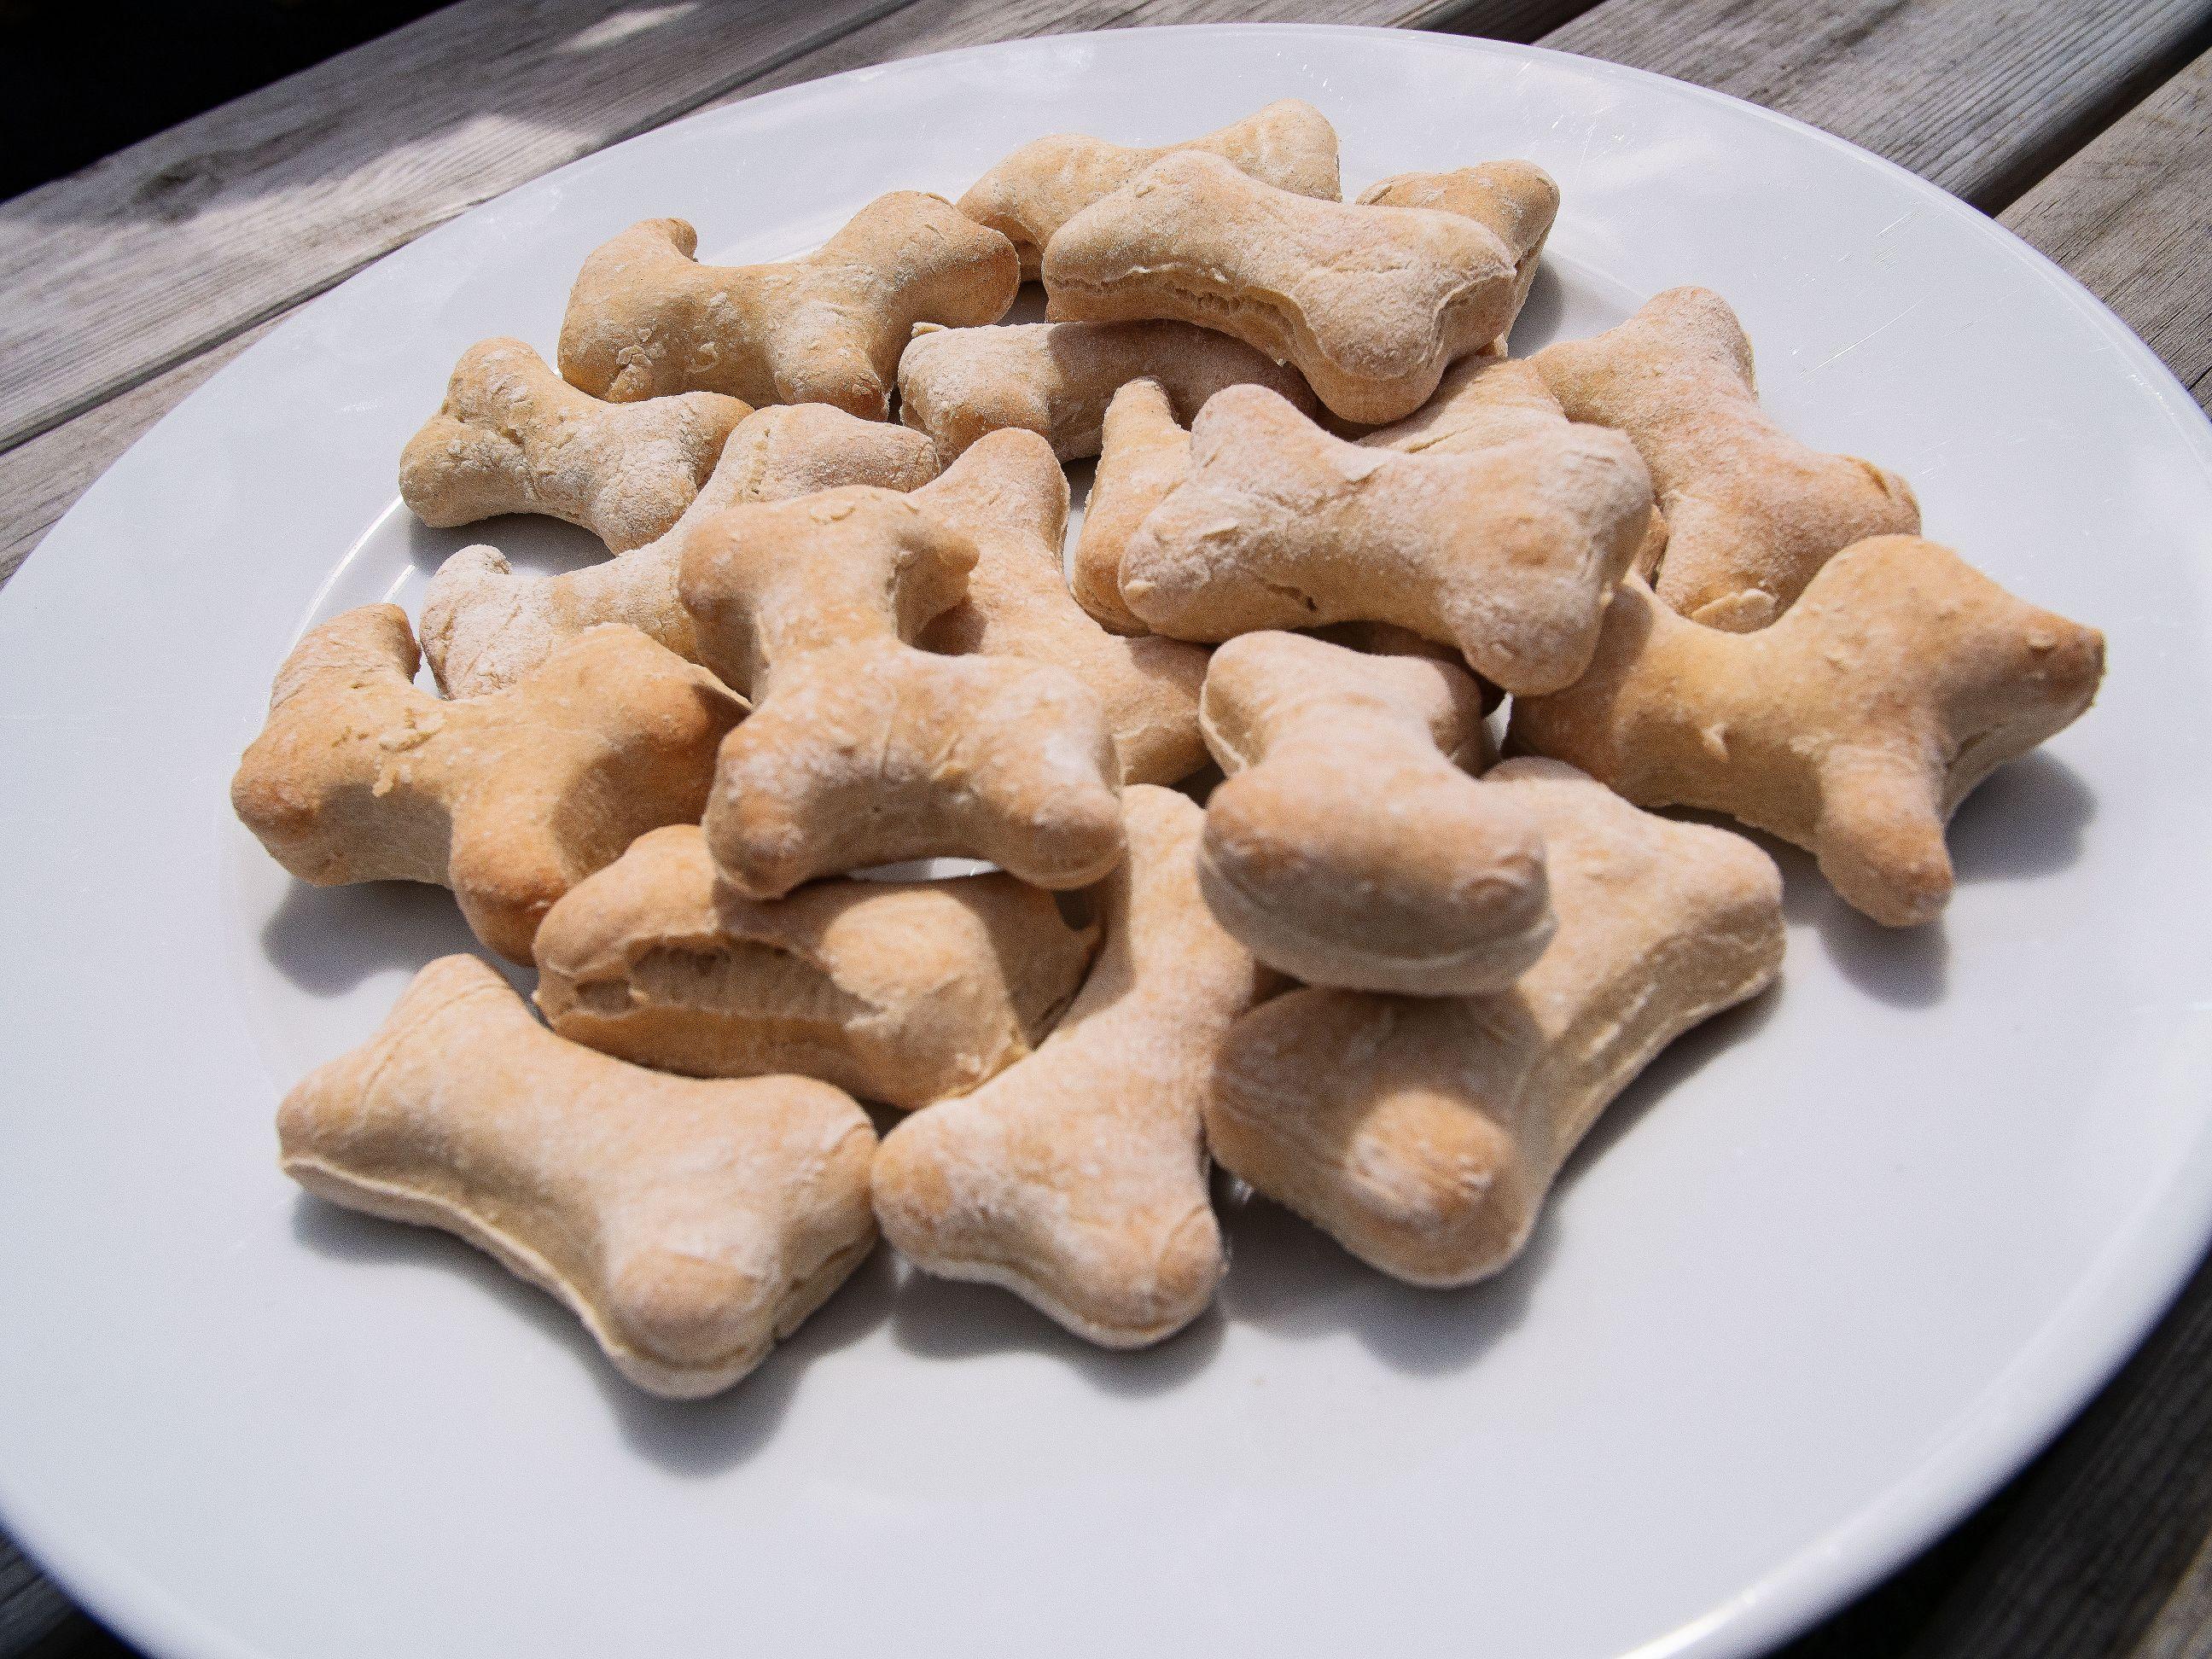 Homemade hondenkoekjes verjaardagsfeestje